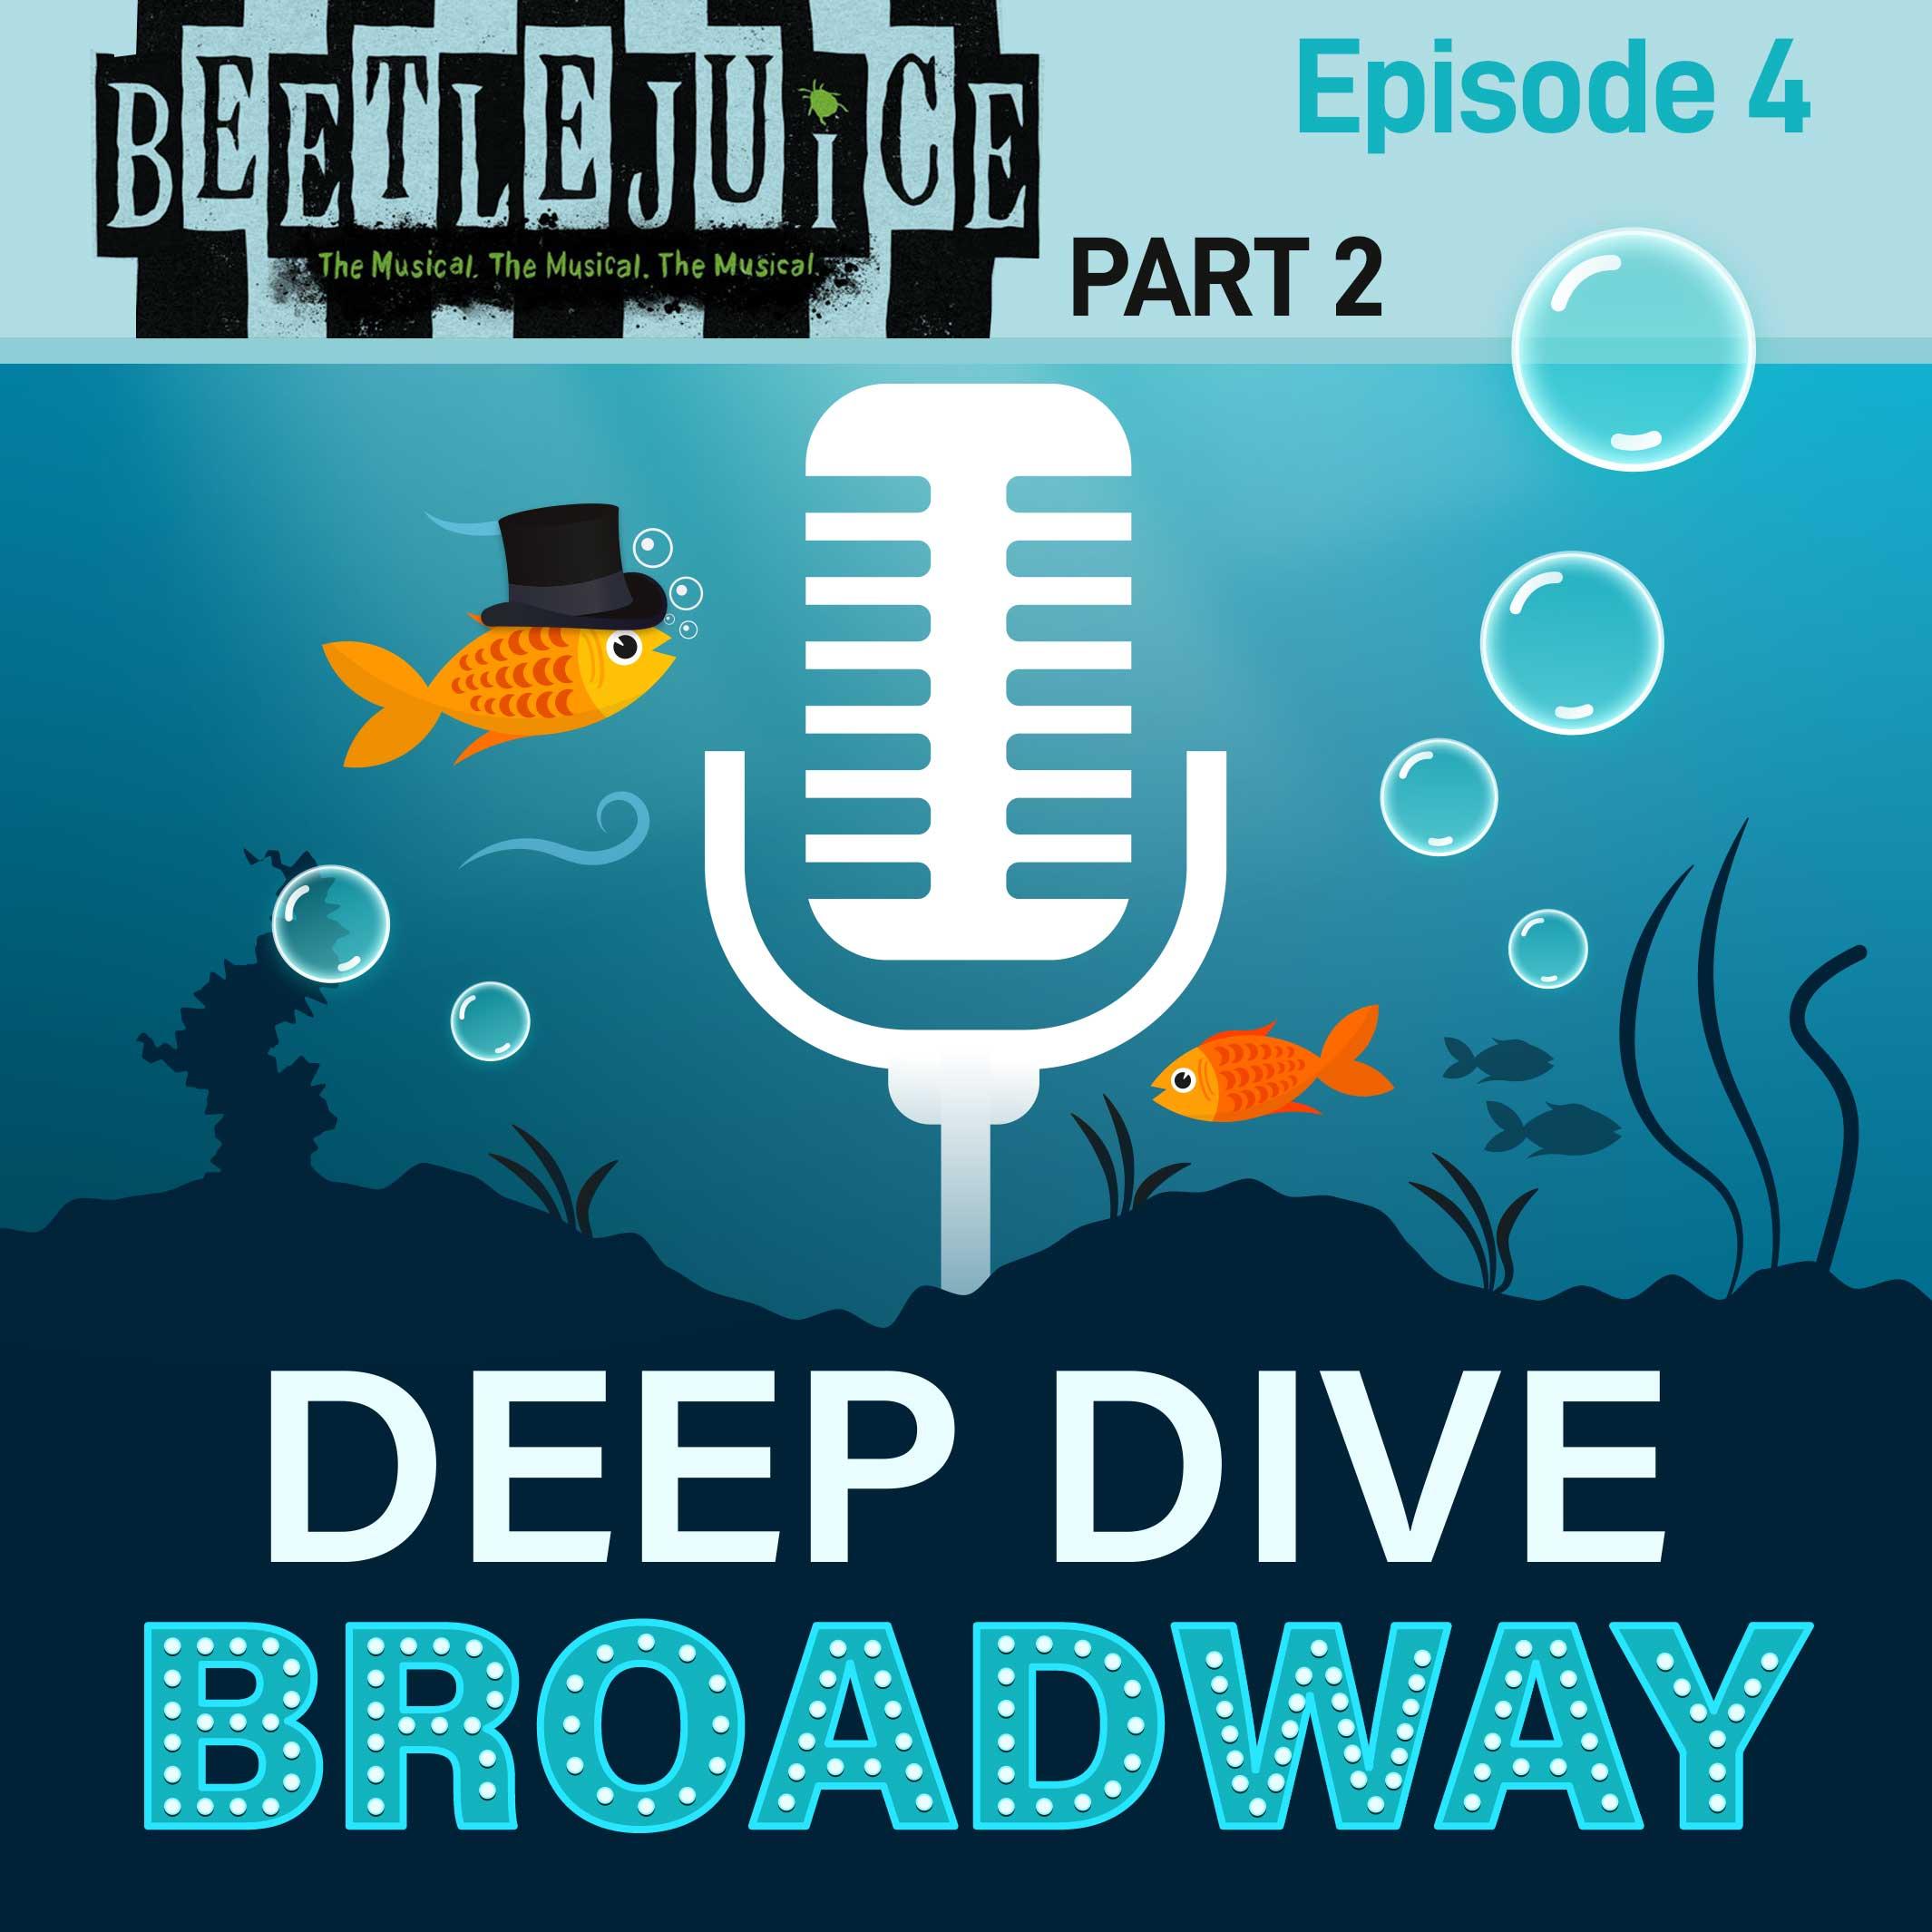 Deep Dive Broadway Episode 4 - BEETLEJUICE: The Podcast, The Podcast, The Podcast (Part 2)